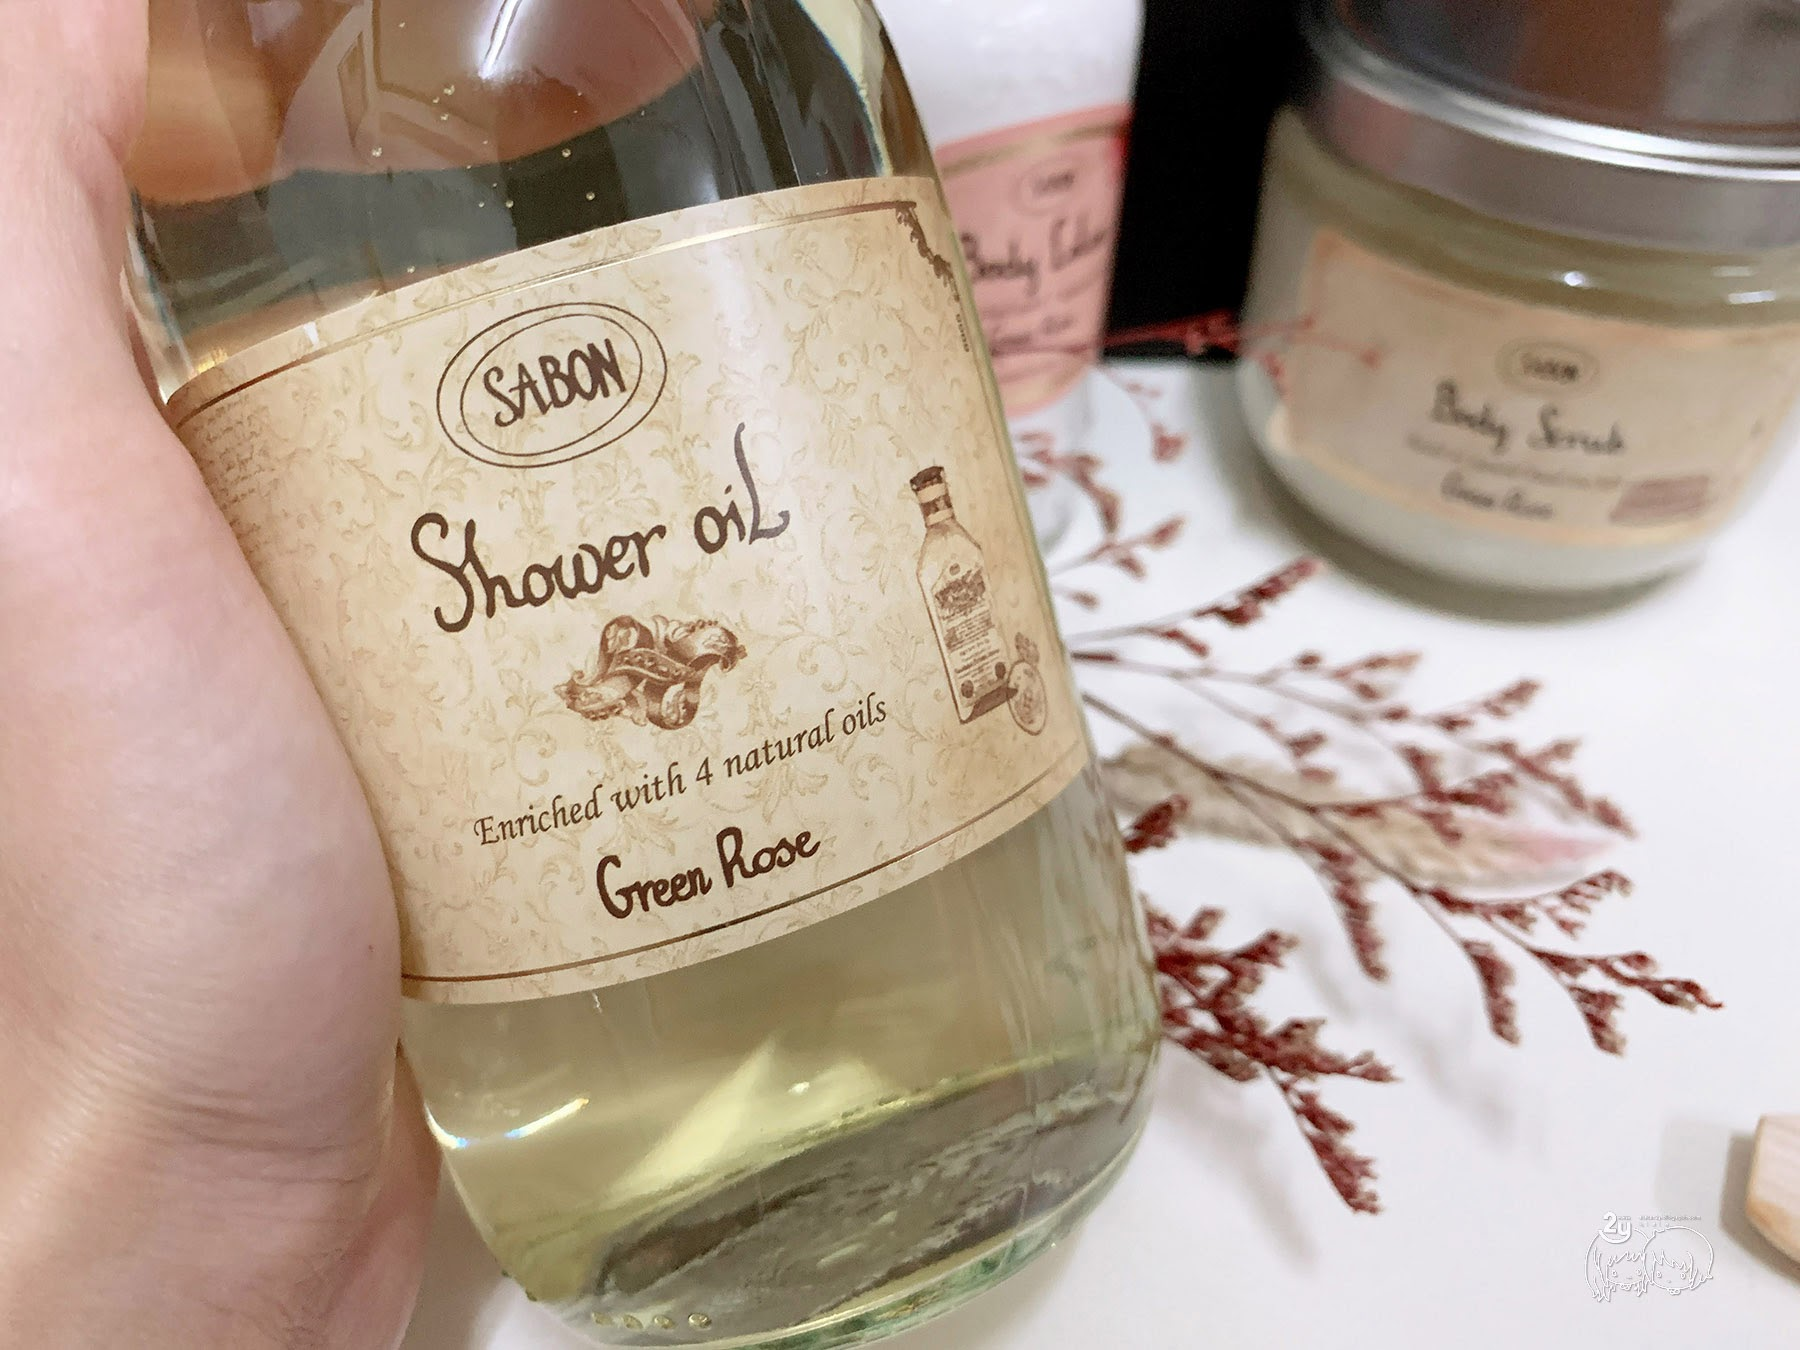 美妝保養|開箱 SABON  萬年不敗的香氛身體磨砂膏|一週一次讓肌膚細緻滑嫩|天然頂級保養香氛